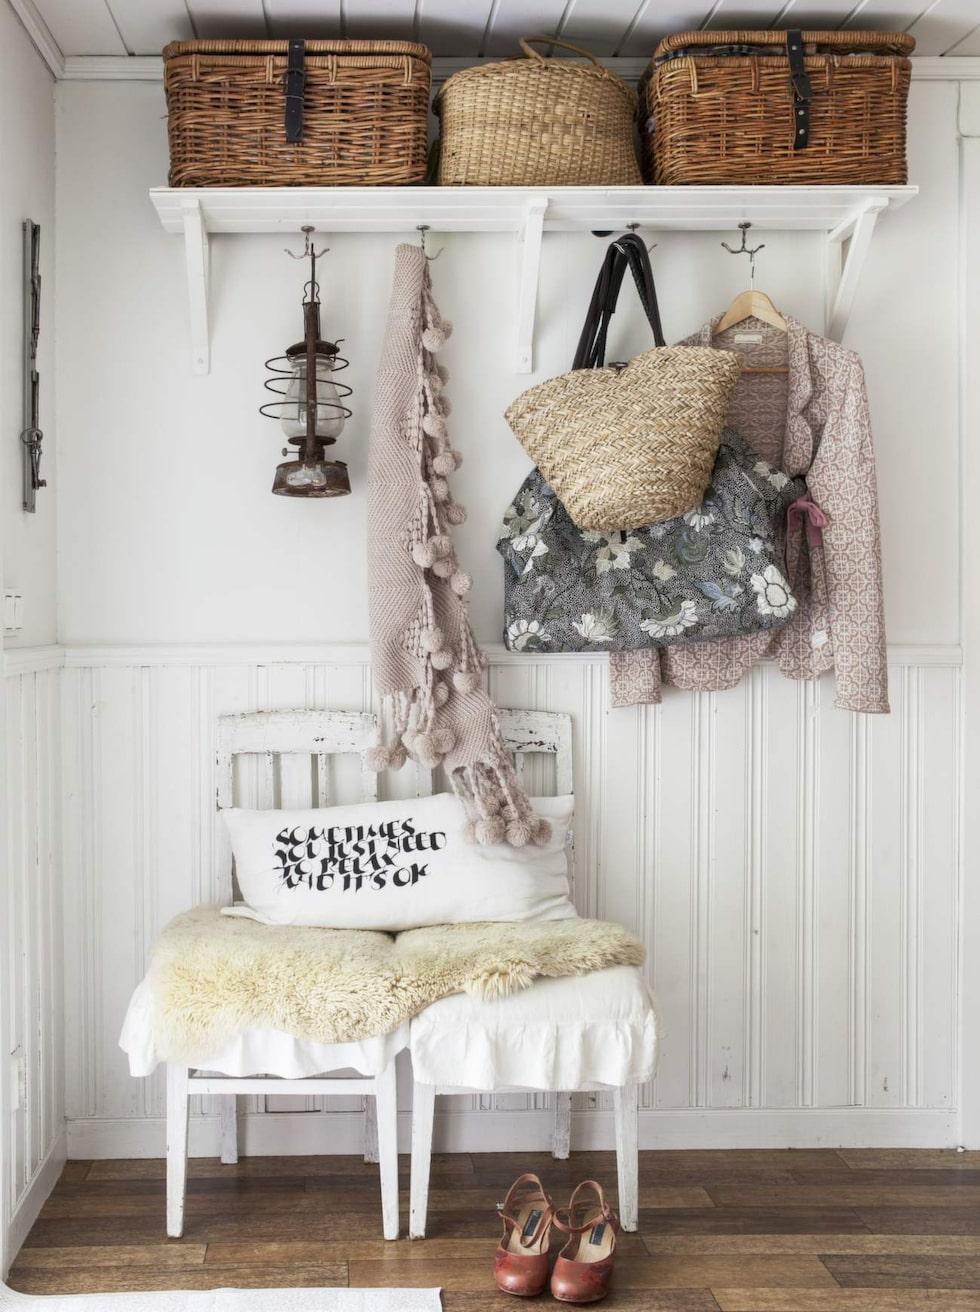 Låt din inredningsstil gälla även i hallen. Här lantligt romantiskt med rustika korgar, väggpanel, gamla stolar och fårskinn.